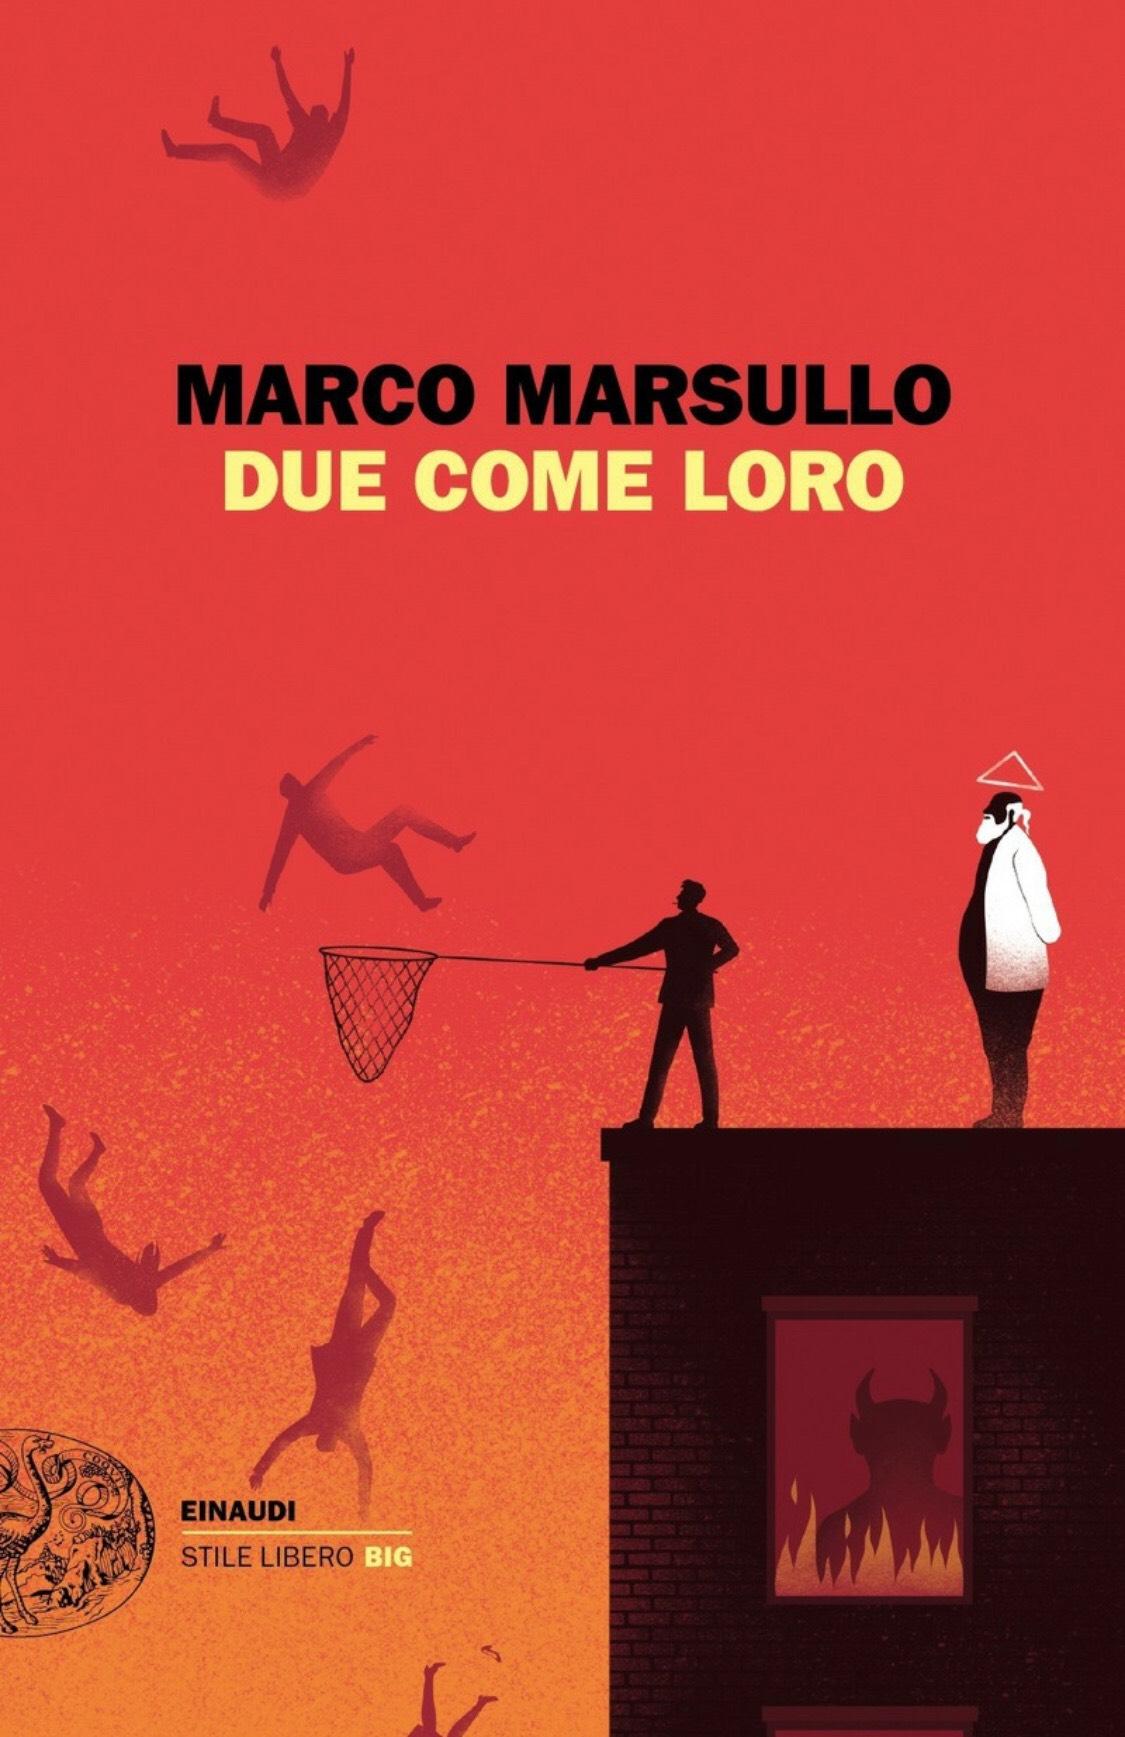 Due come loro – Marco Marsullo